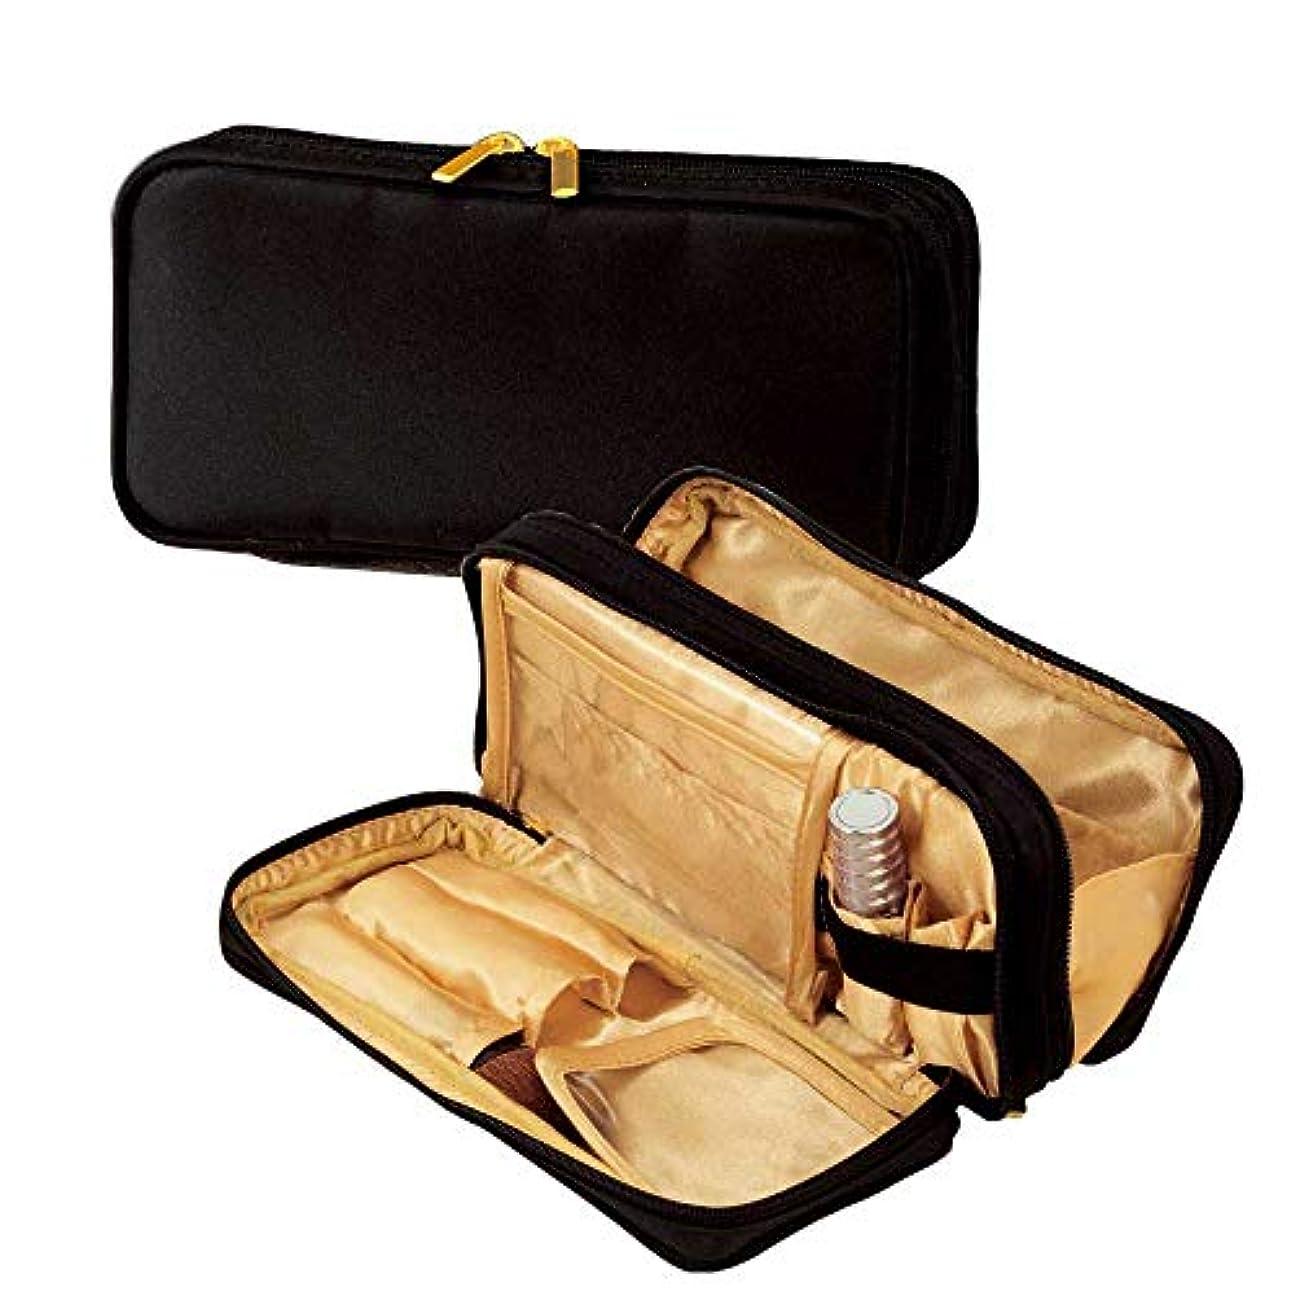 民間人なんとなく回想functional?マルチポーチ(gold)ブラシ入れ付きの機能的な化粧ポーチ